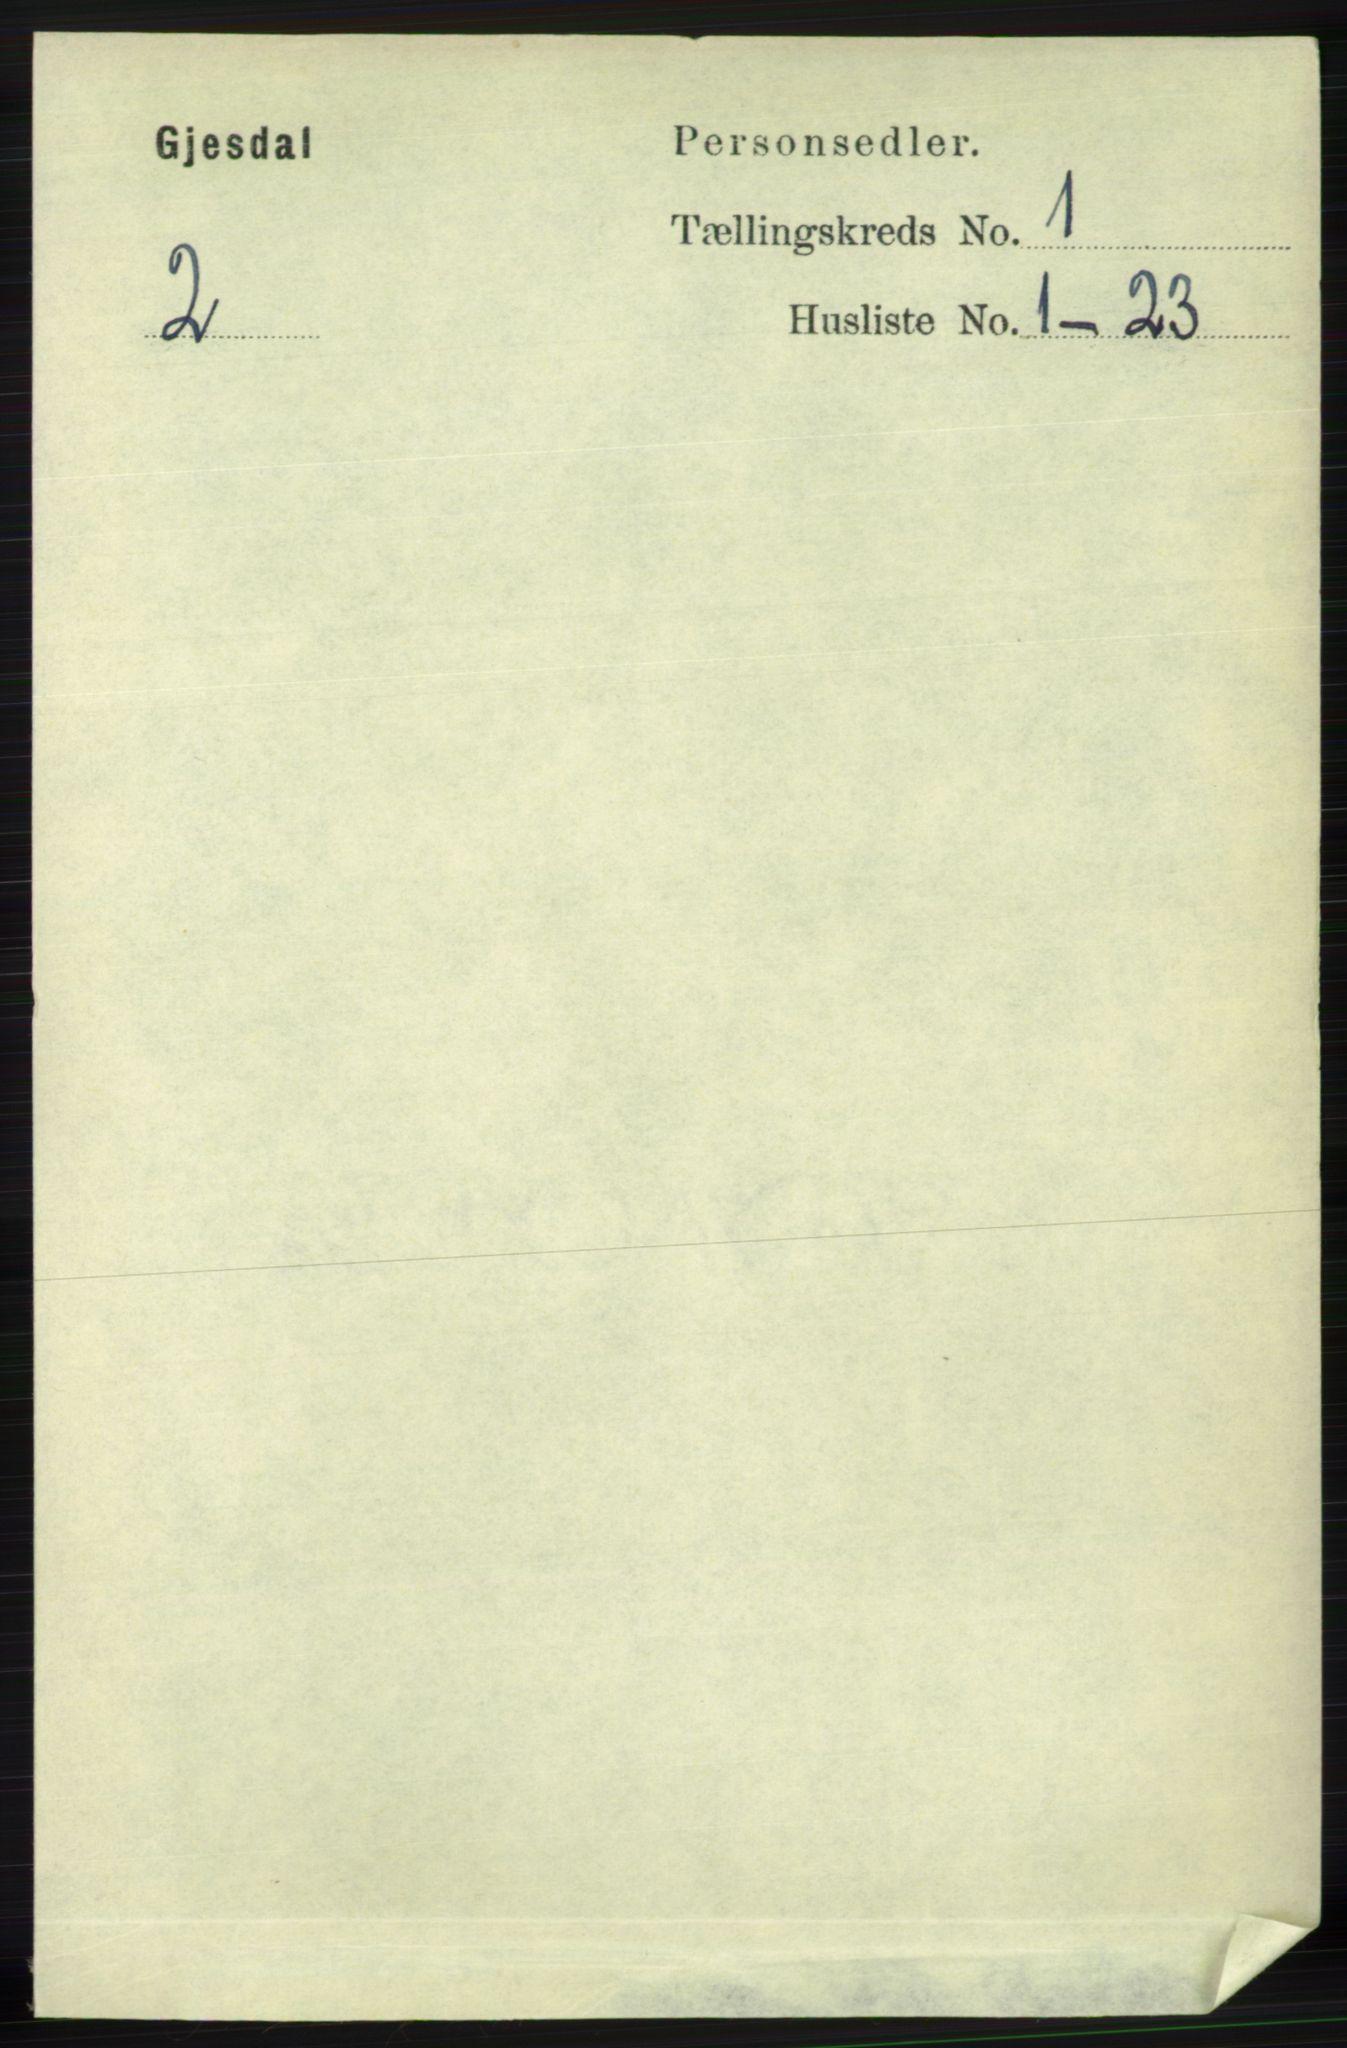 RA, Folketelling 1891 for 1122 Gjesdal herred, 1891, s. 59